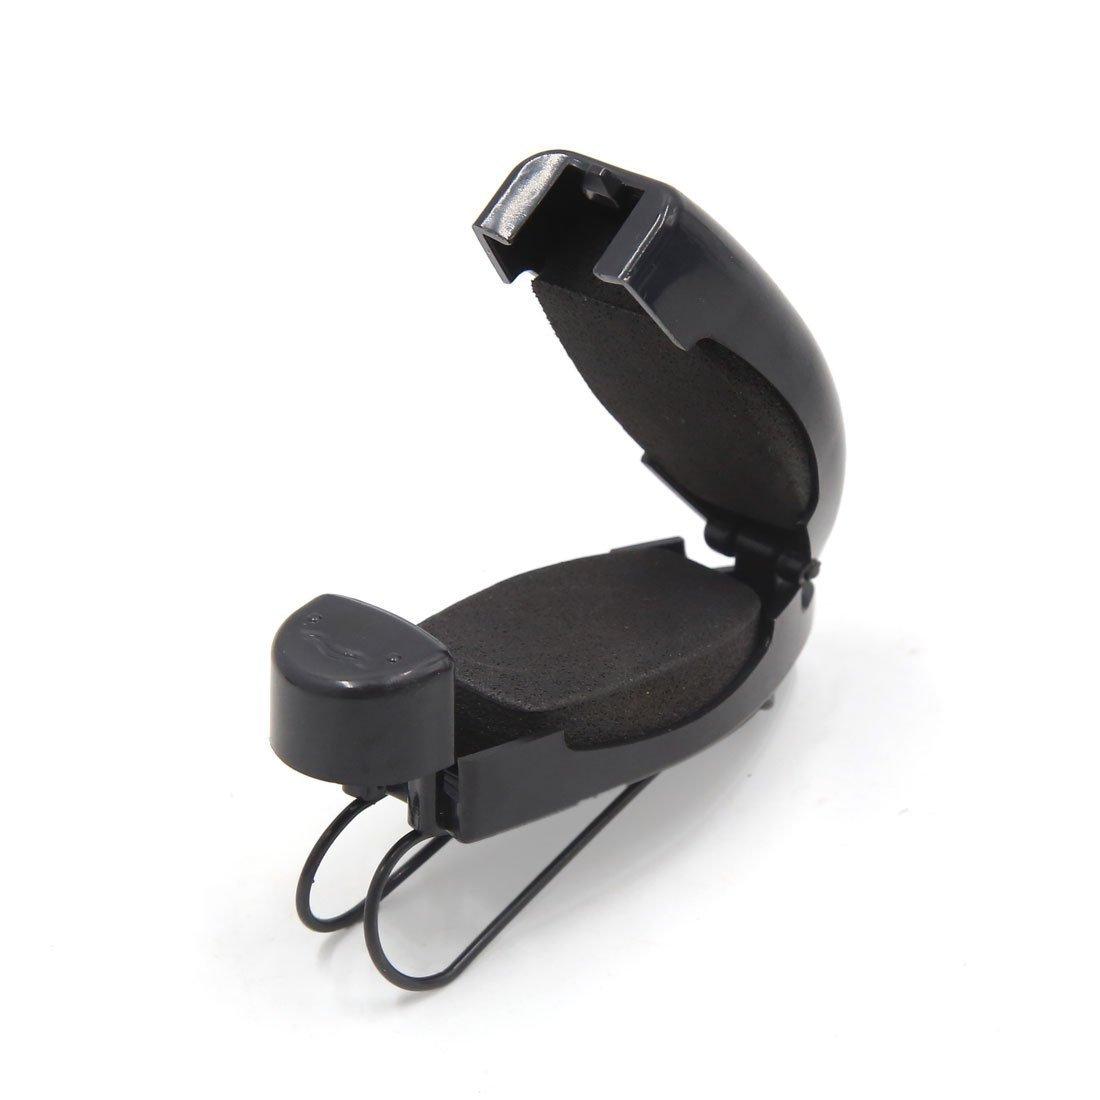 uxcell a17041200ux0892 4 Pcs Black Car Sun Visor Clip Holder for Reading Glasses Sunglasses Eyeglass 4 Pack